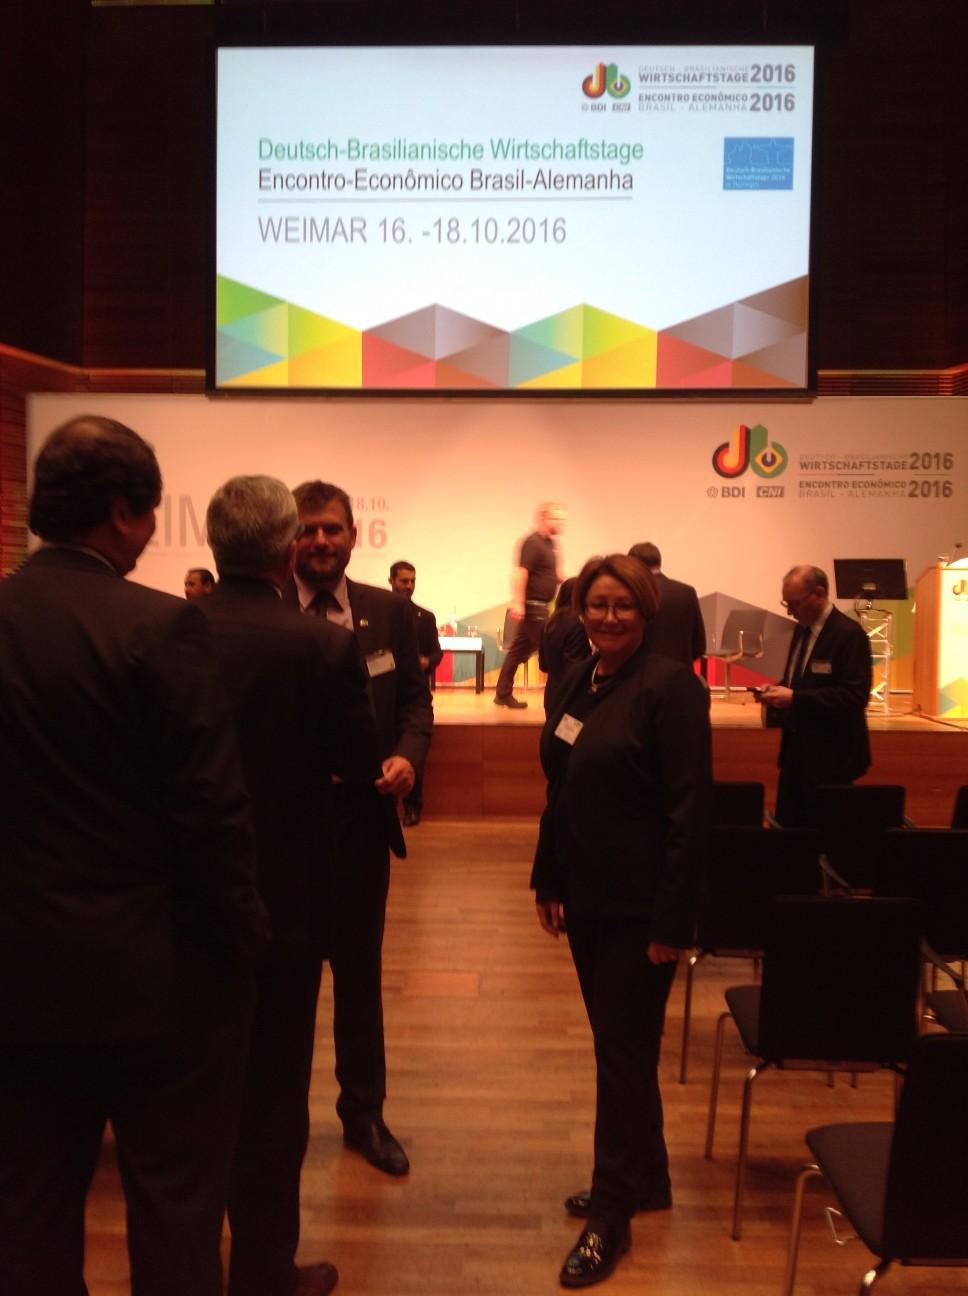 Deutsch-Brasilianische Wirtschaftstage 2016 in Weimar, Germany,